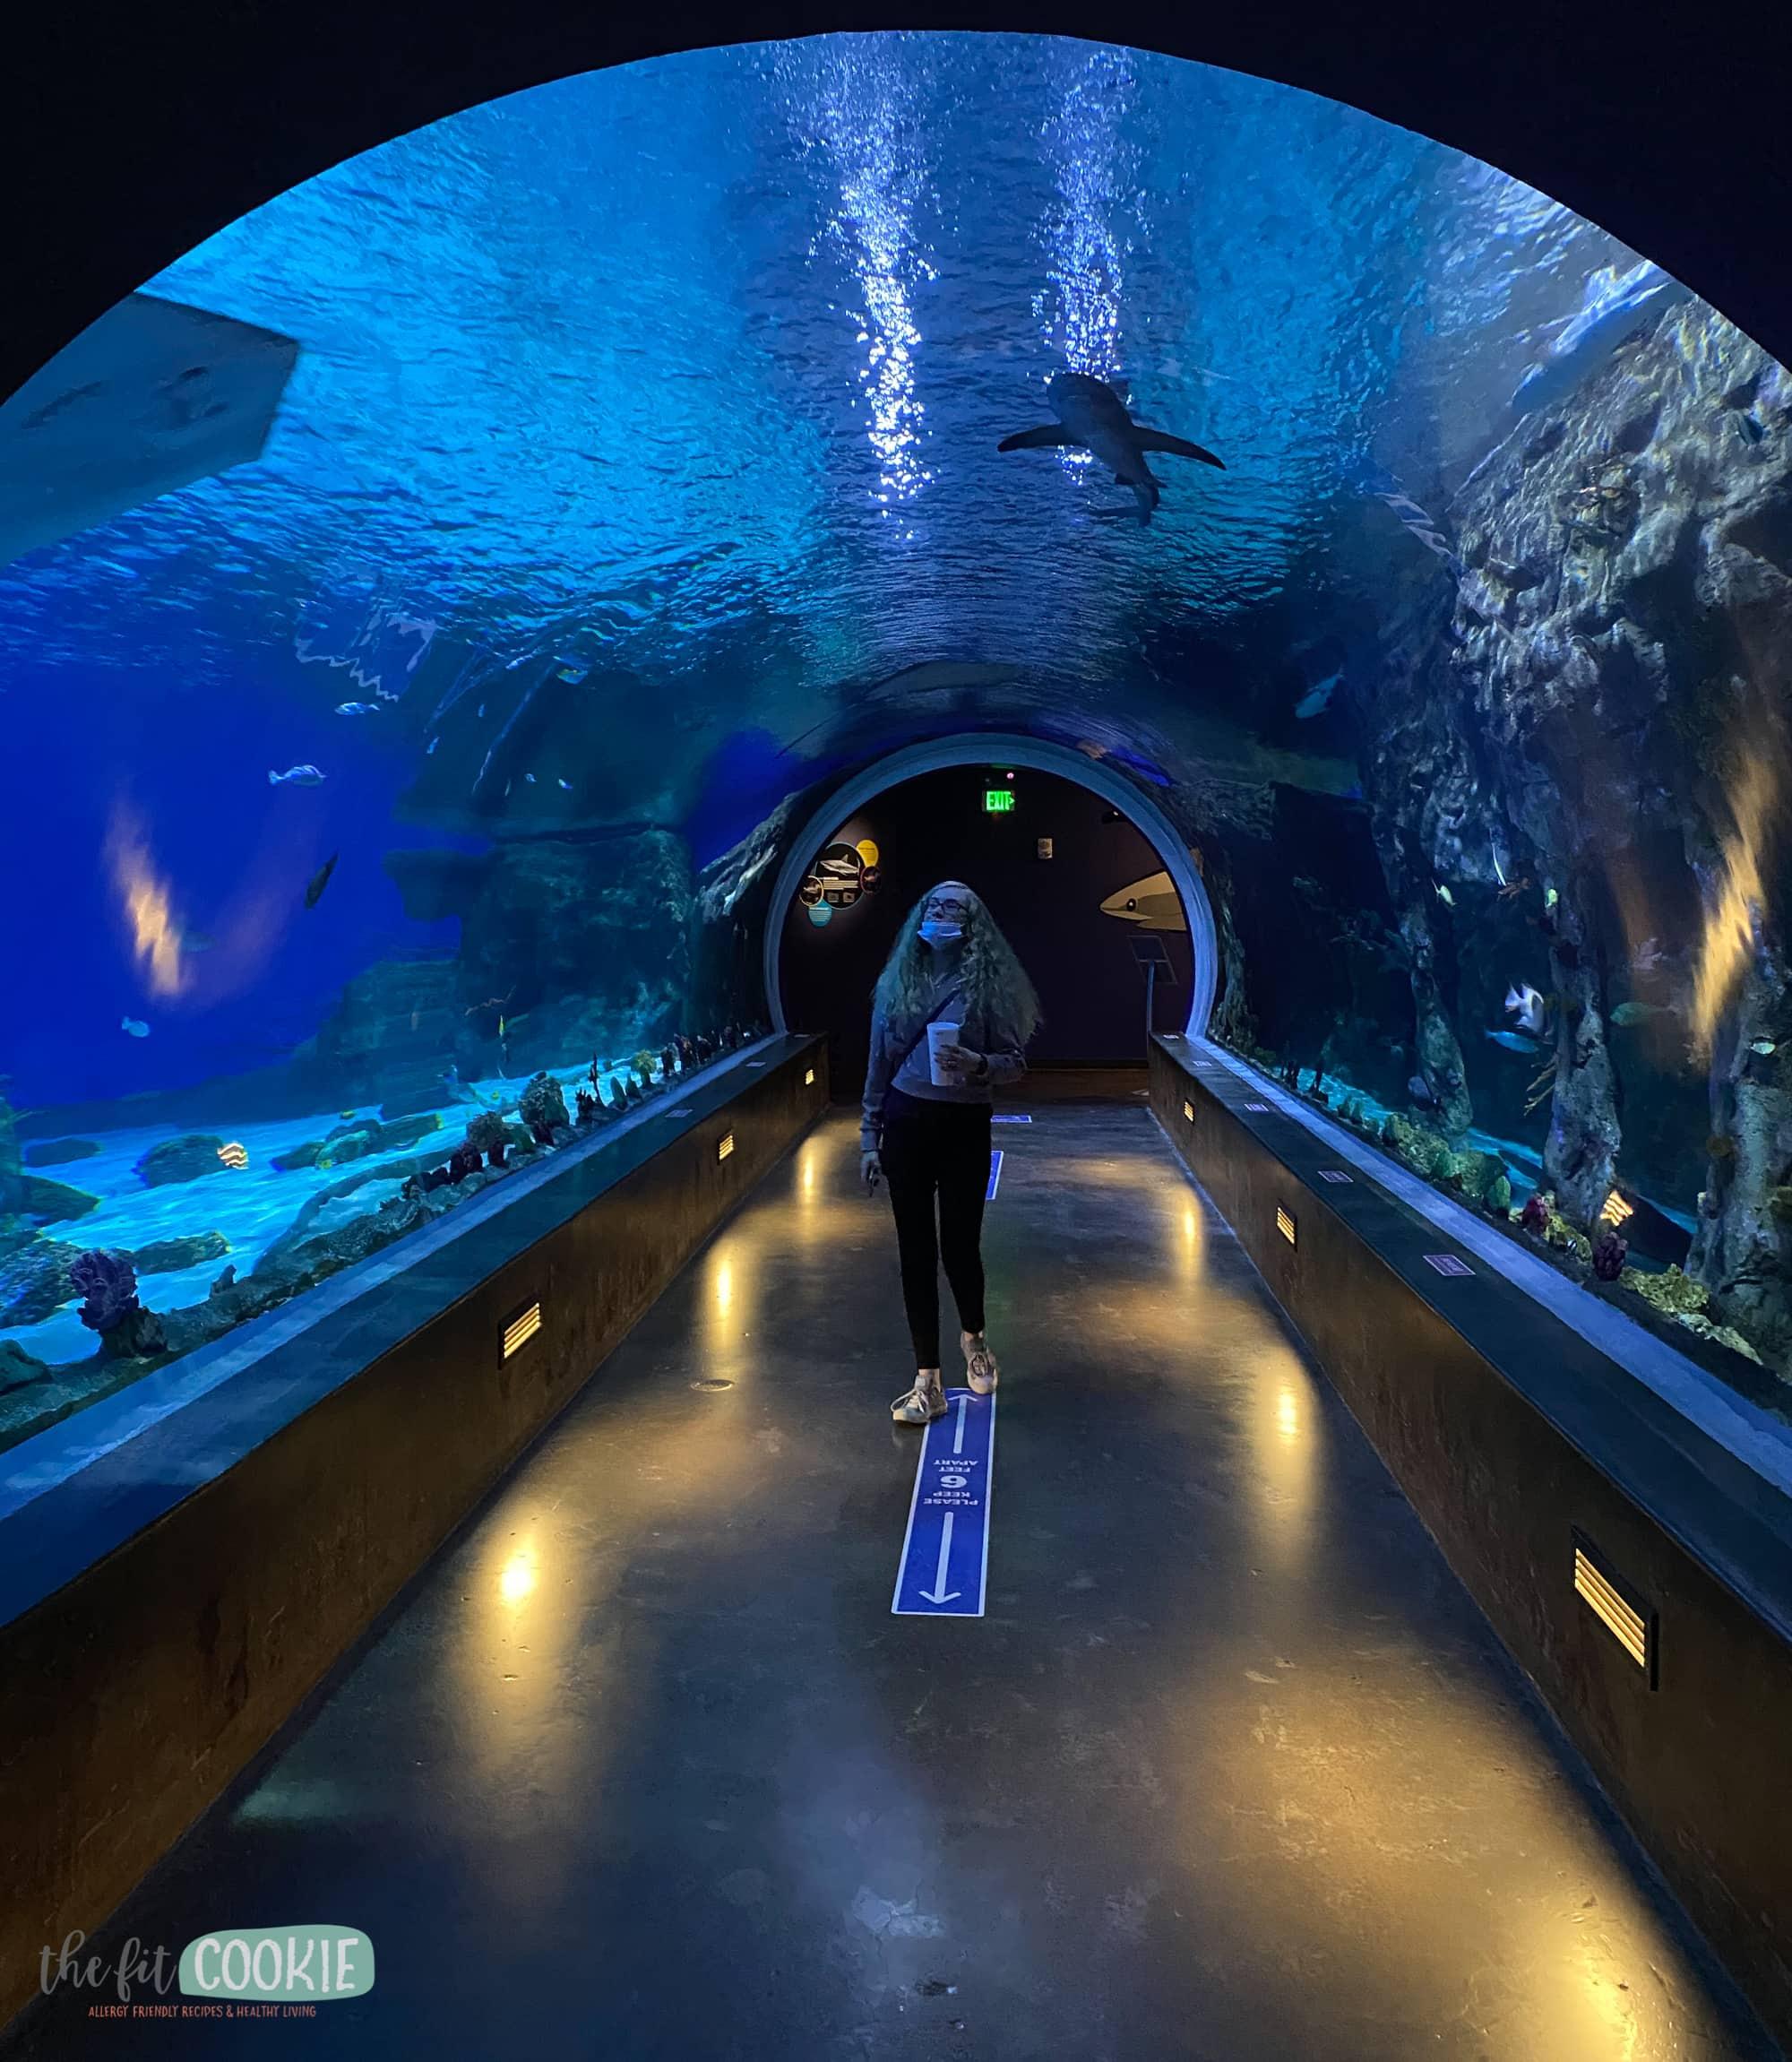 aquarium tunnel at Living Planet Aquarium